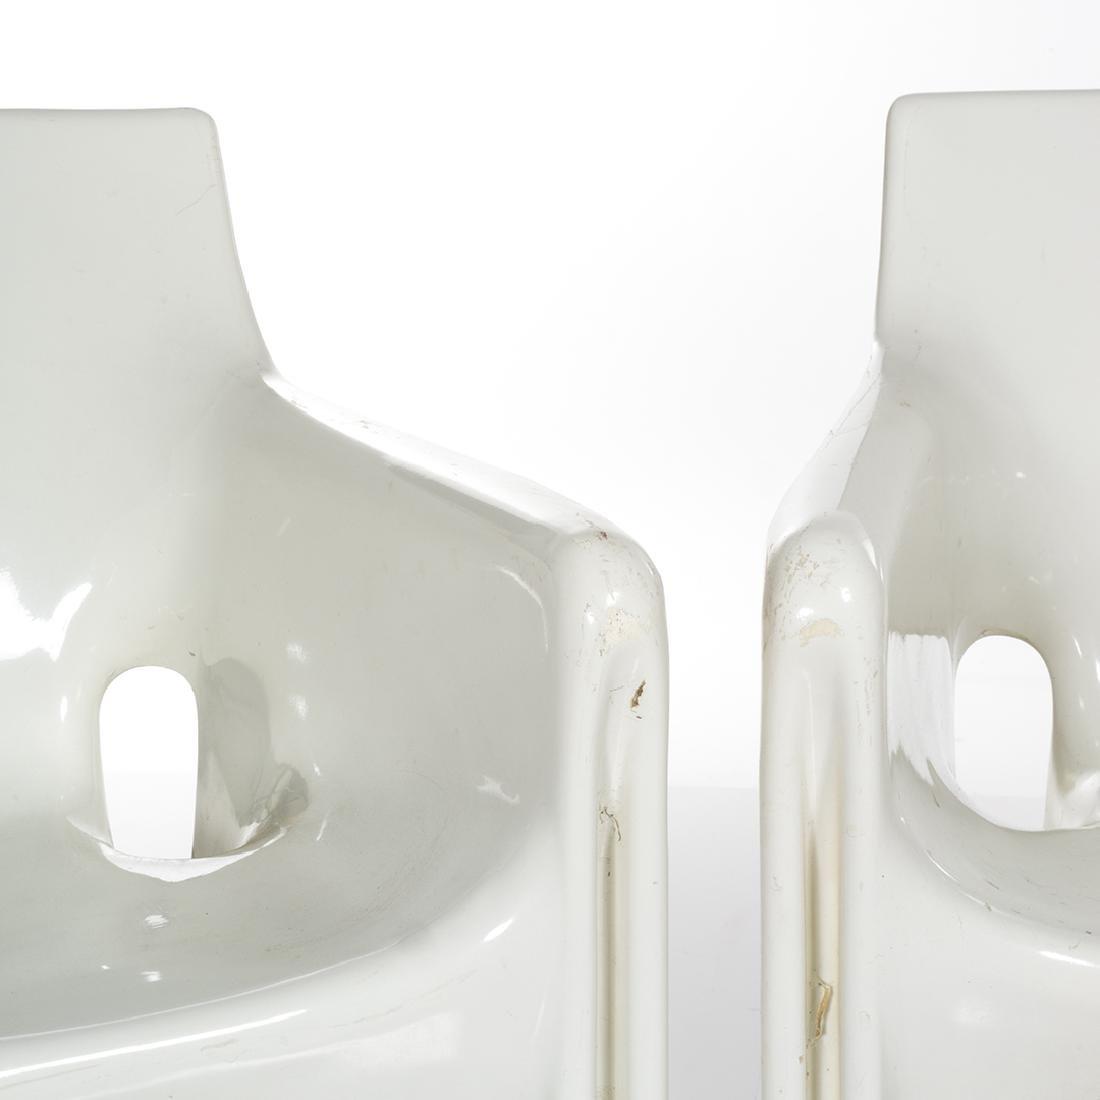 Vico Magistretti Gaudi Chairs (4) - 3